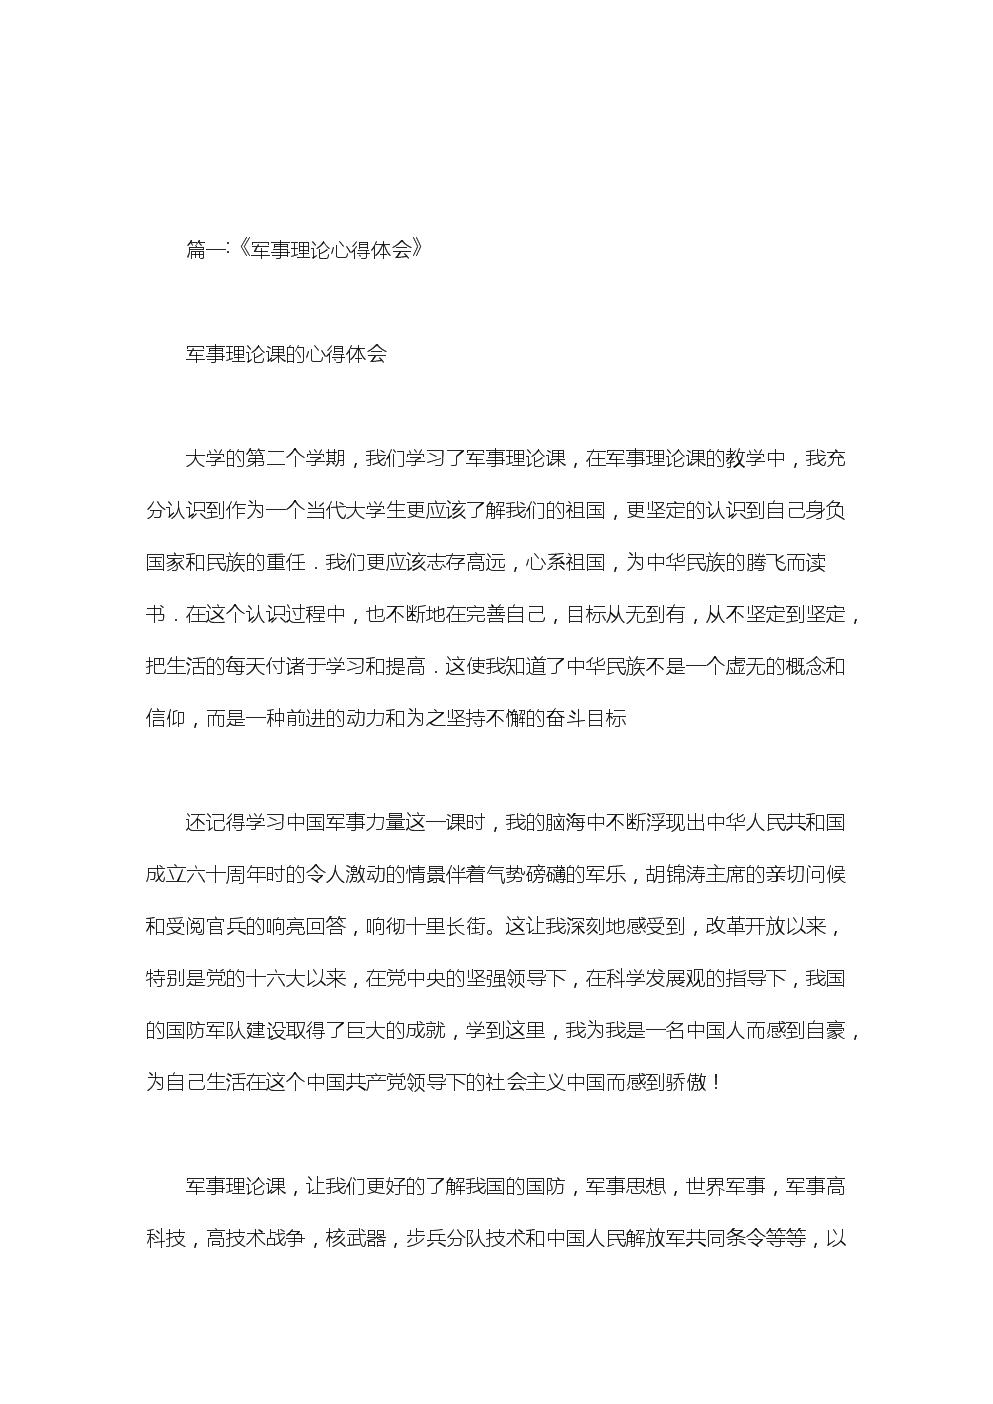 军事理论心得体会1500.doc